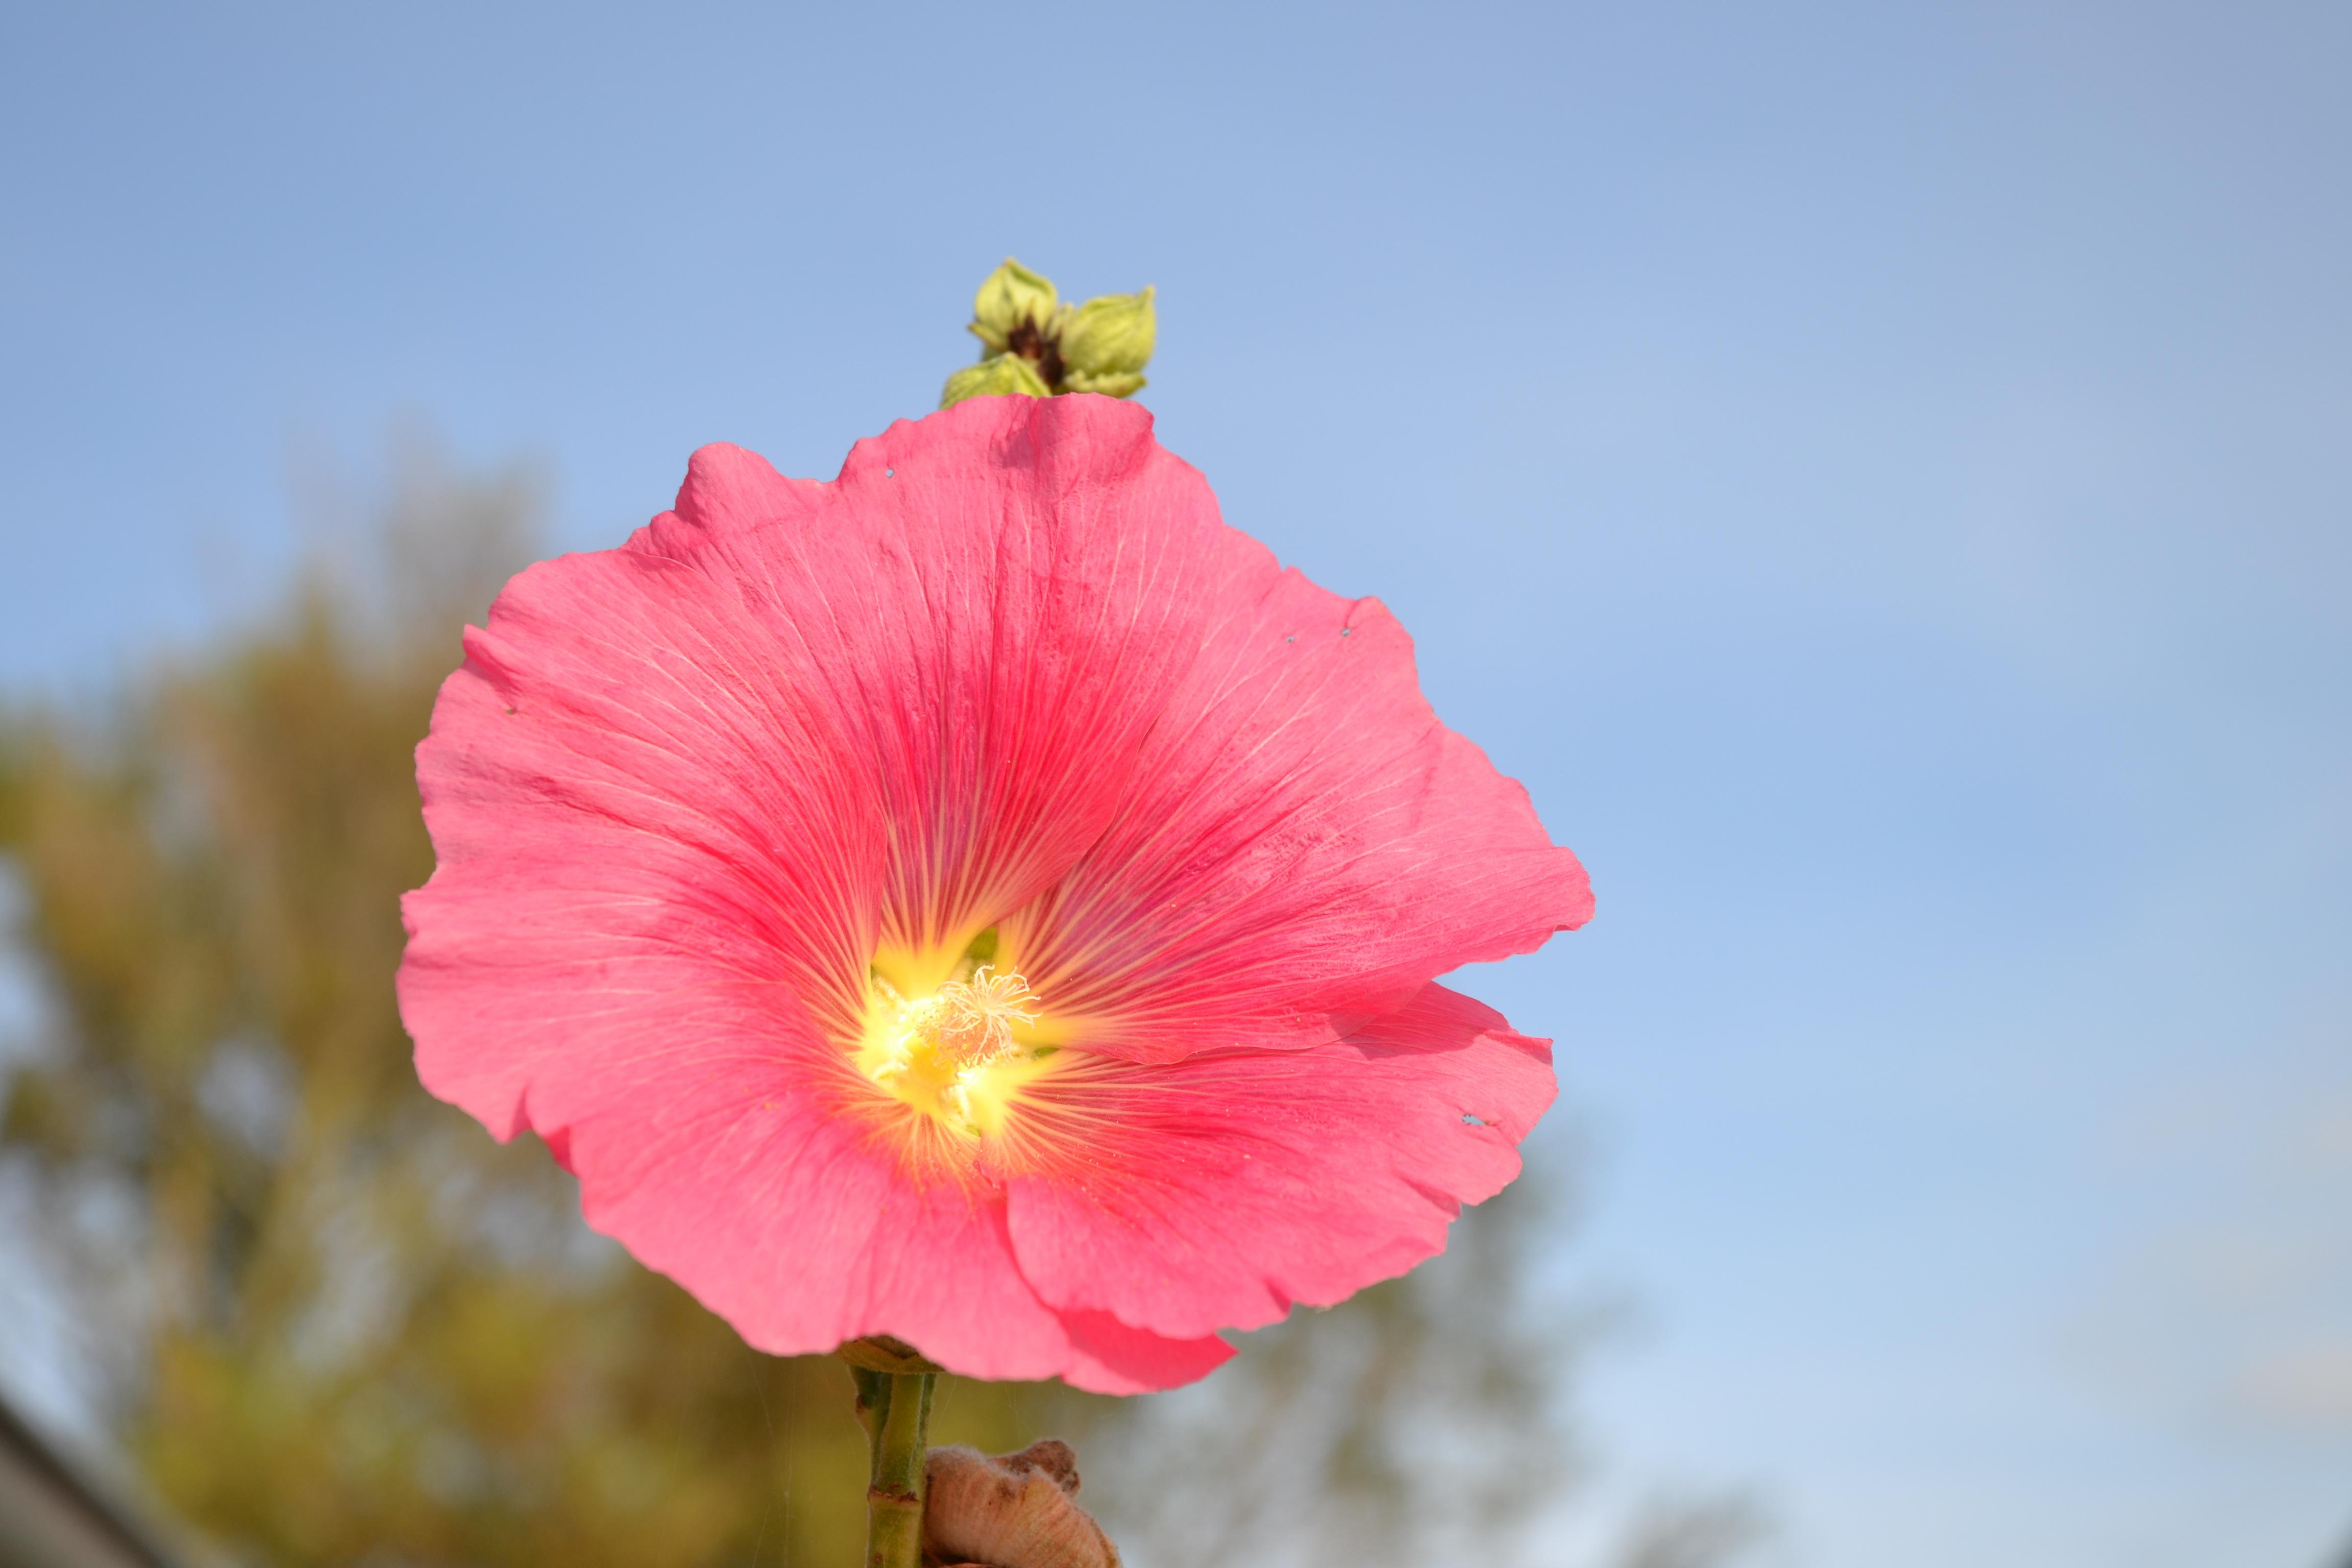 images gratuites : fleur, pétale, floraison, fermer, flore